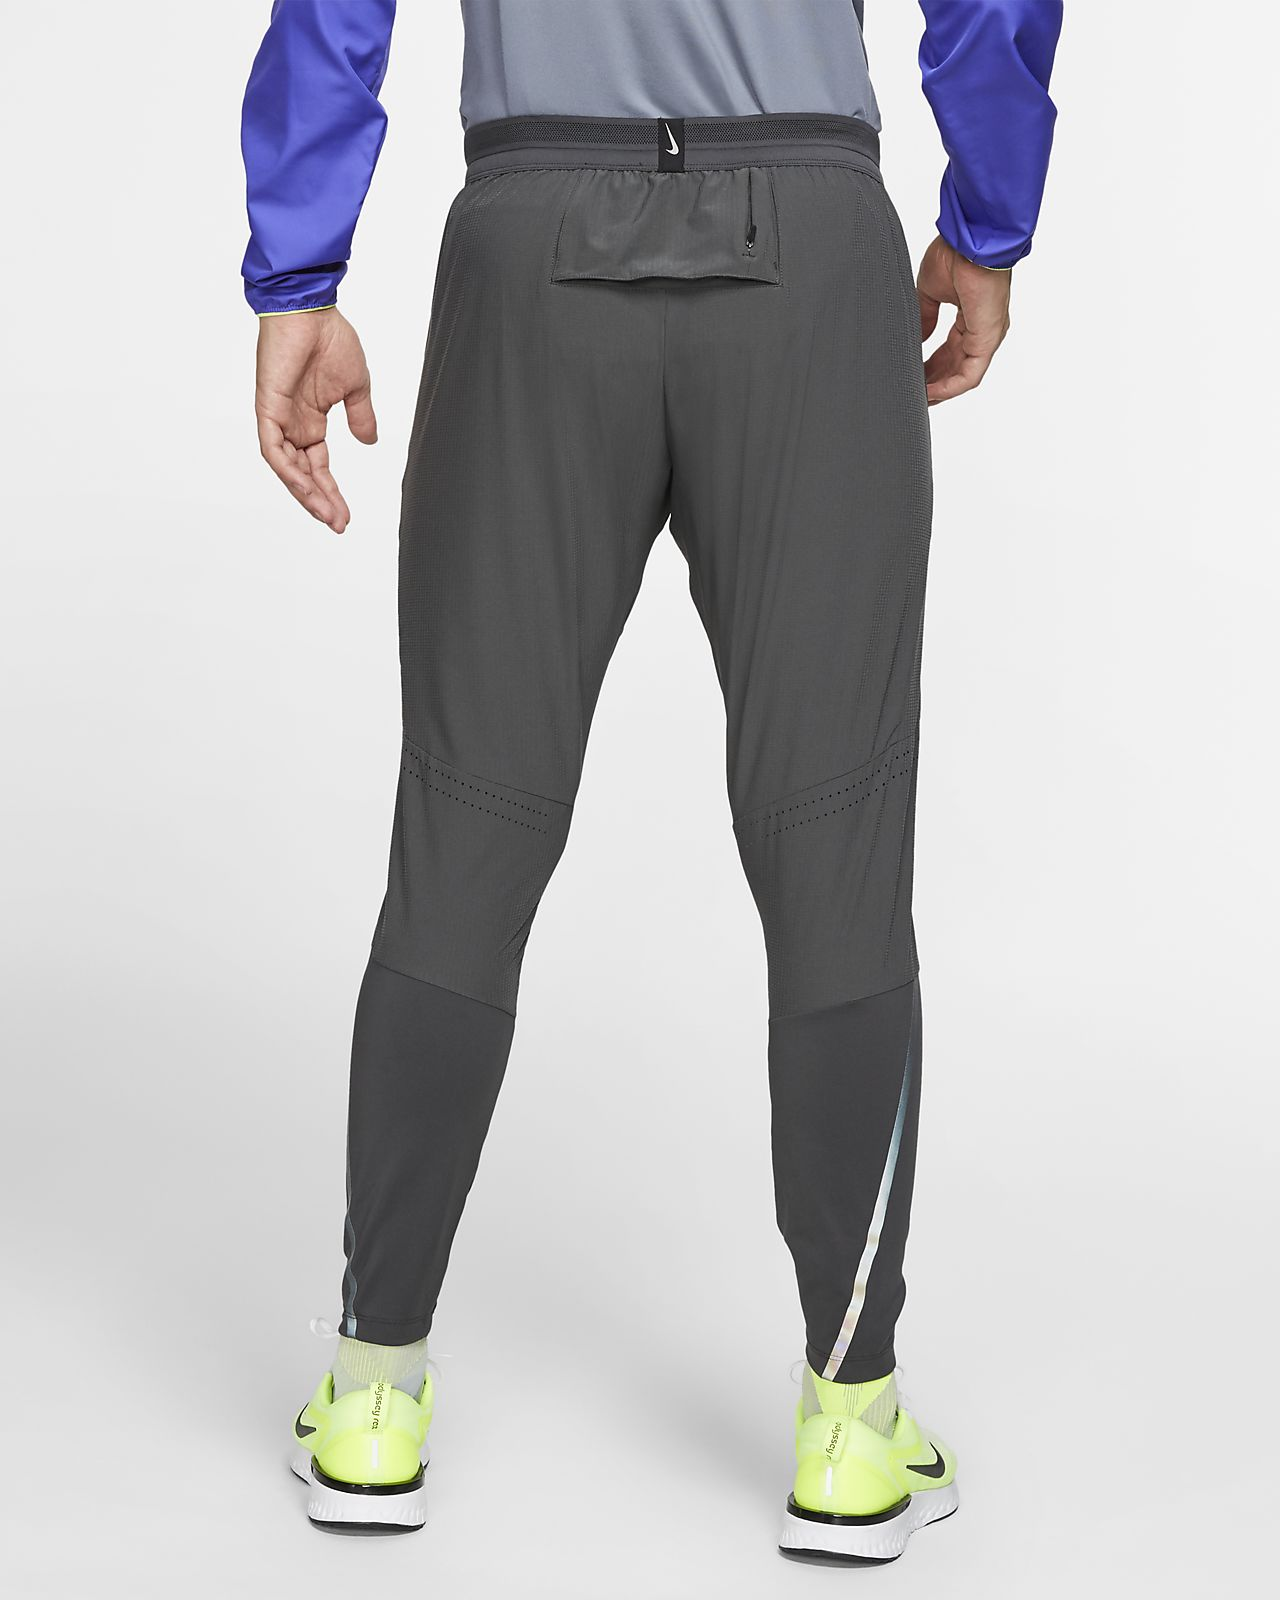 pantaloni da corsa donna nike